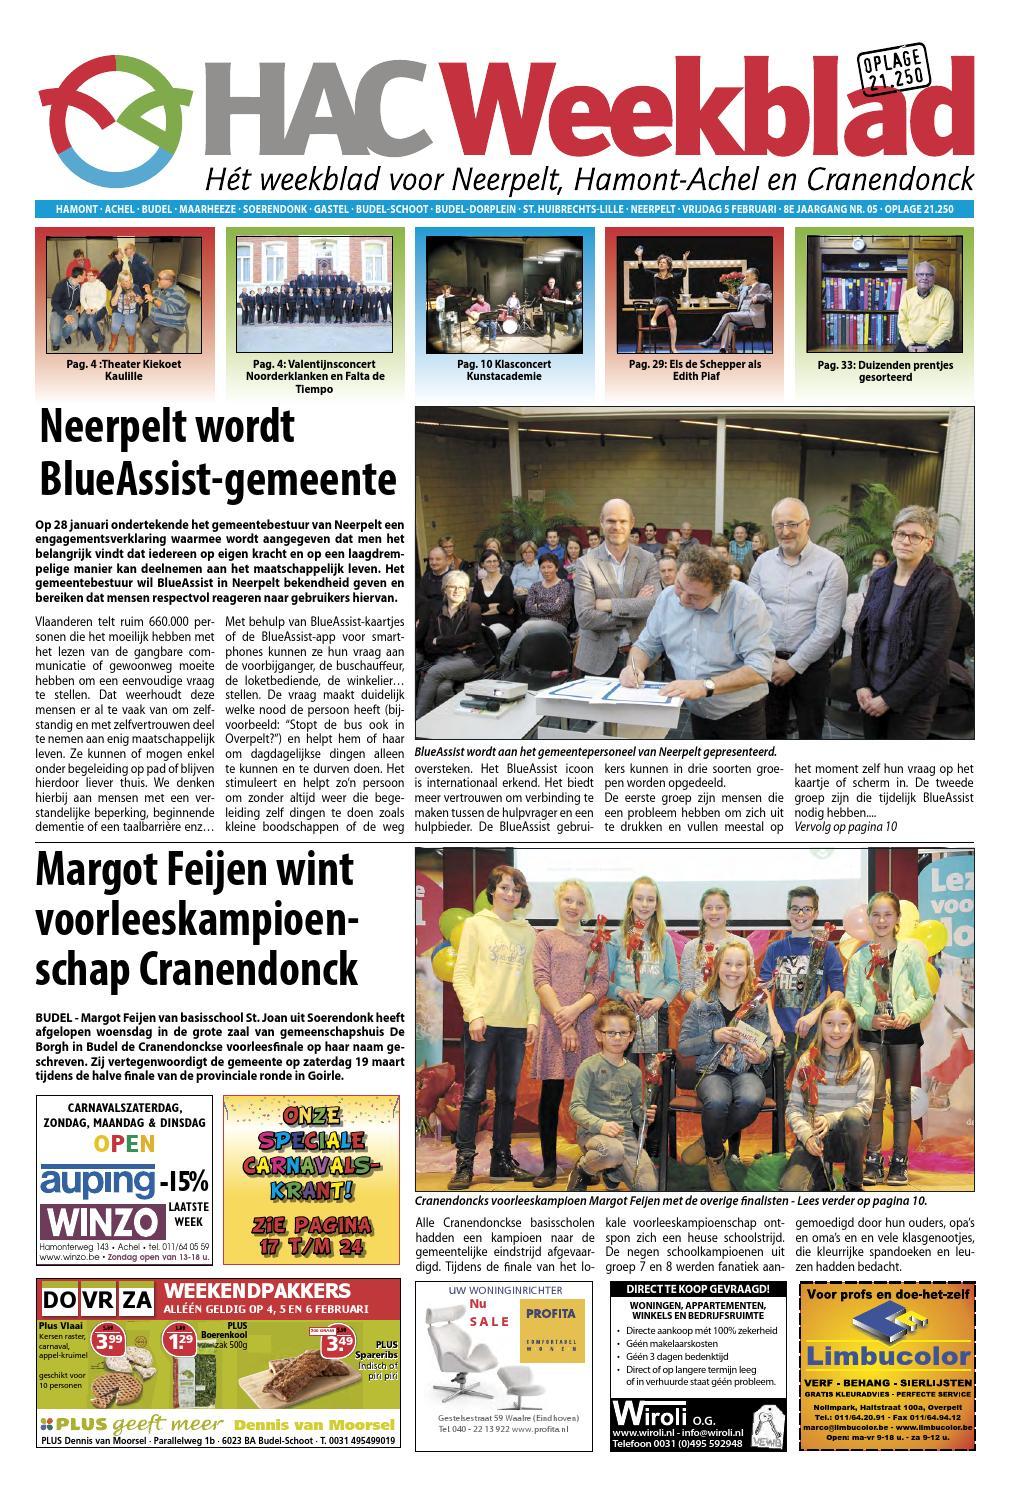 f7e328db9f8 HAC Neerpelt week 05 2016 by HAC Weekblad - issuu